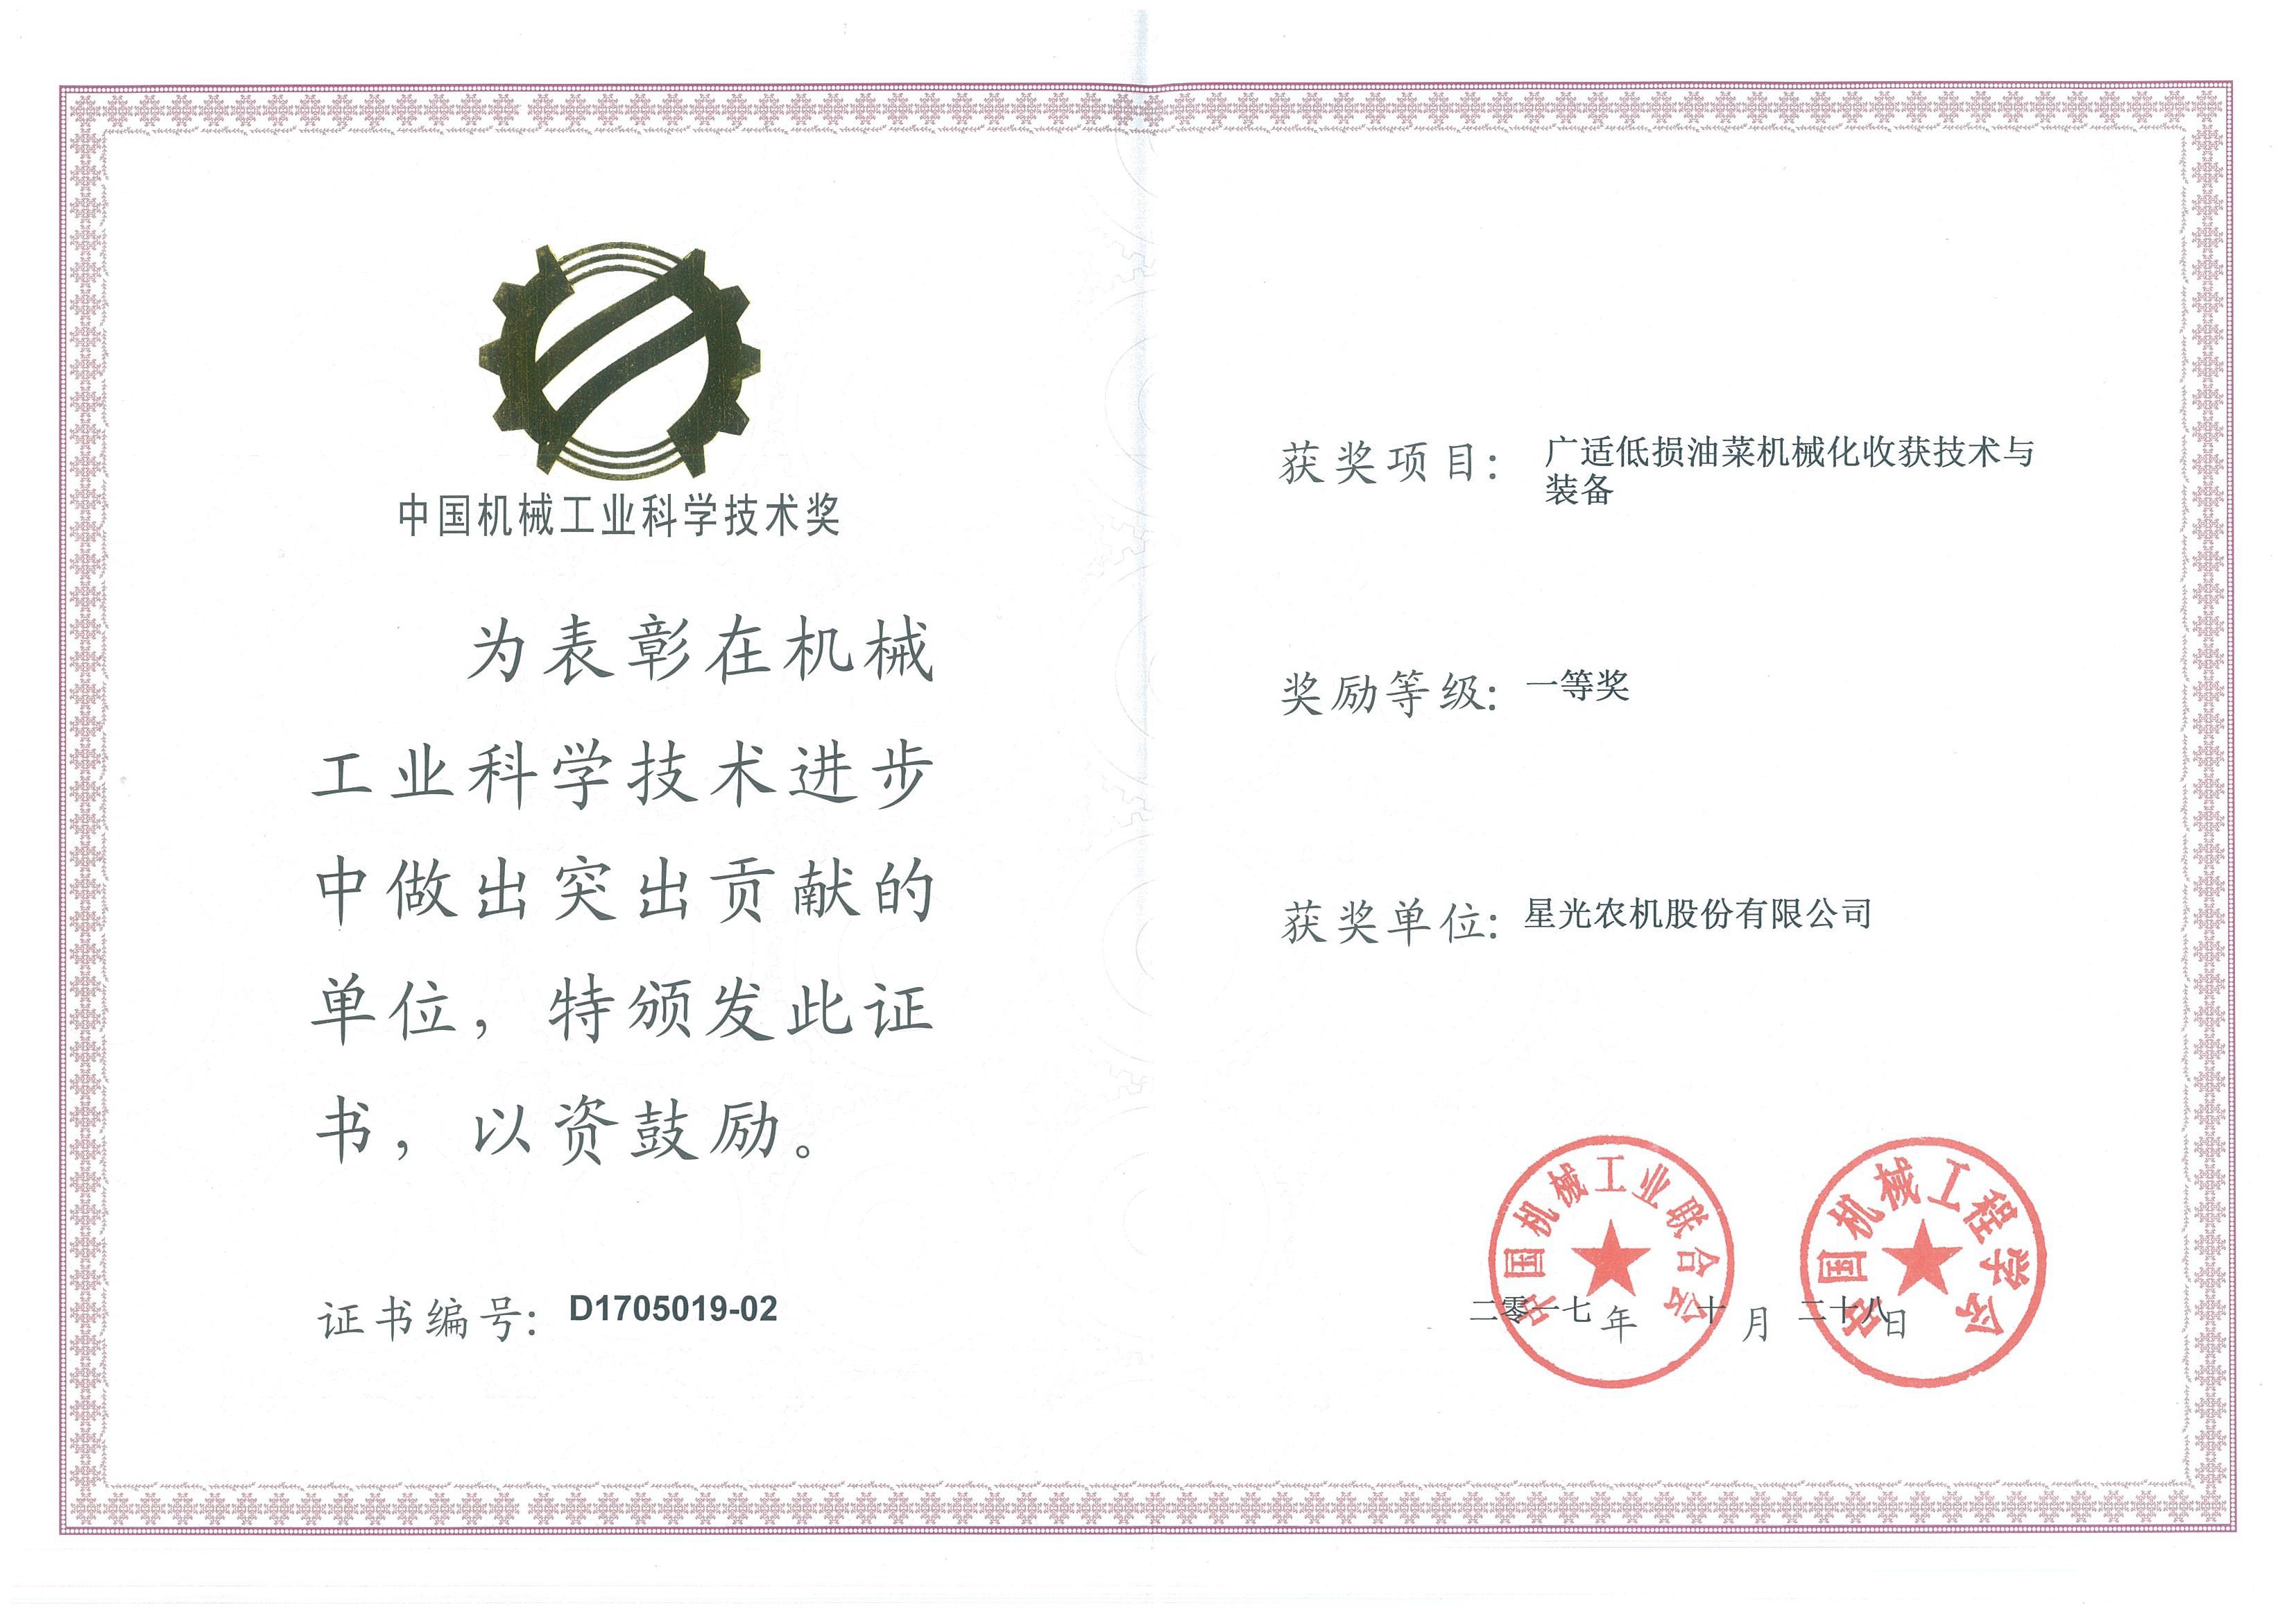 中国机械工业科学技术奖-一等奖